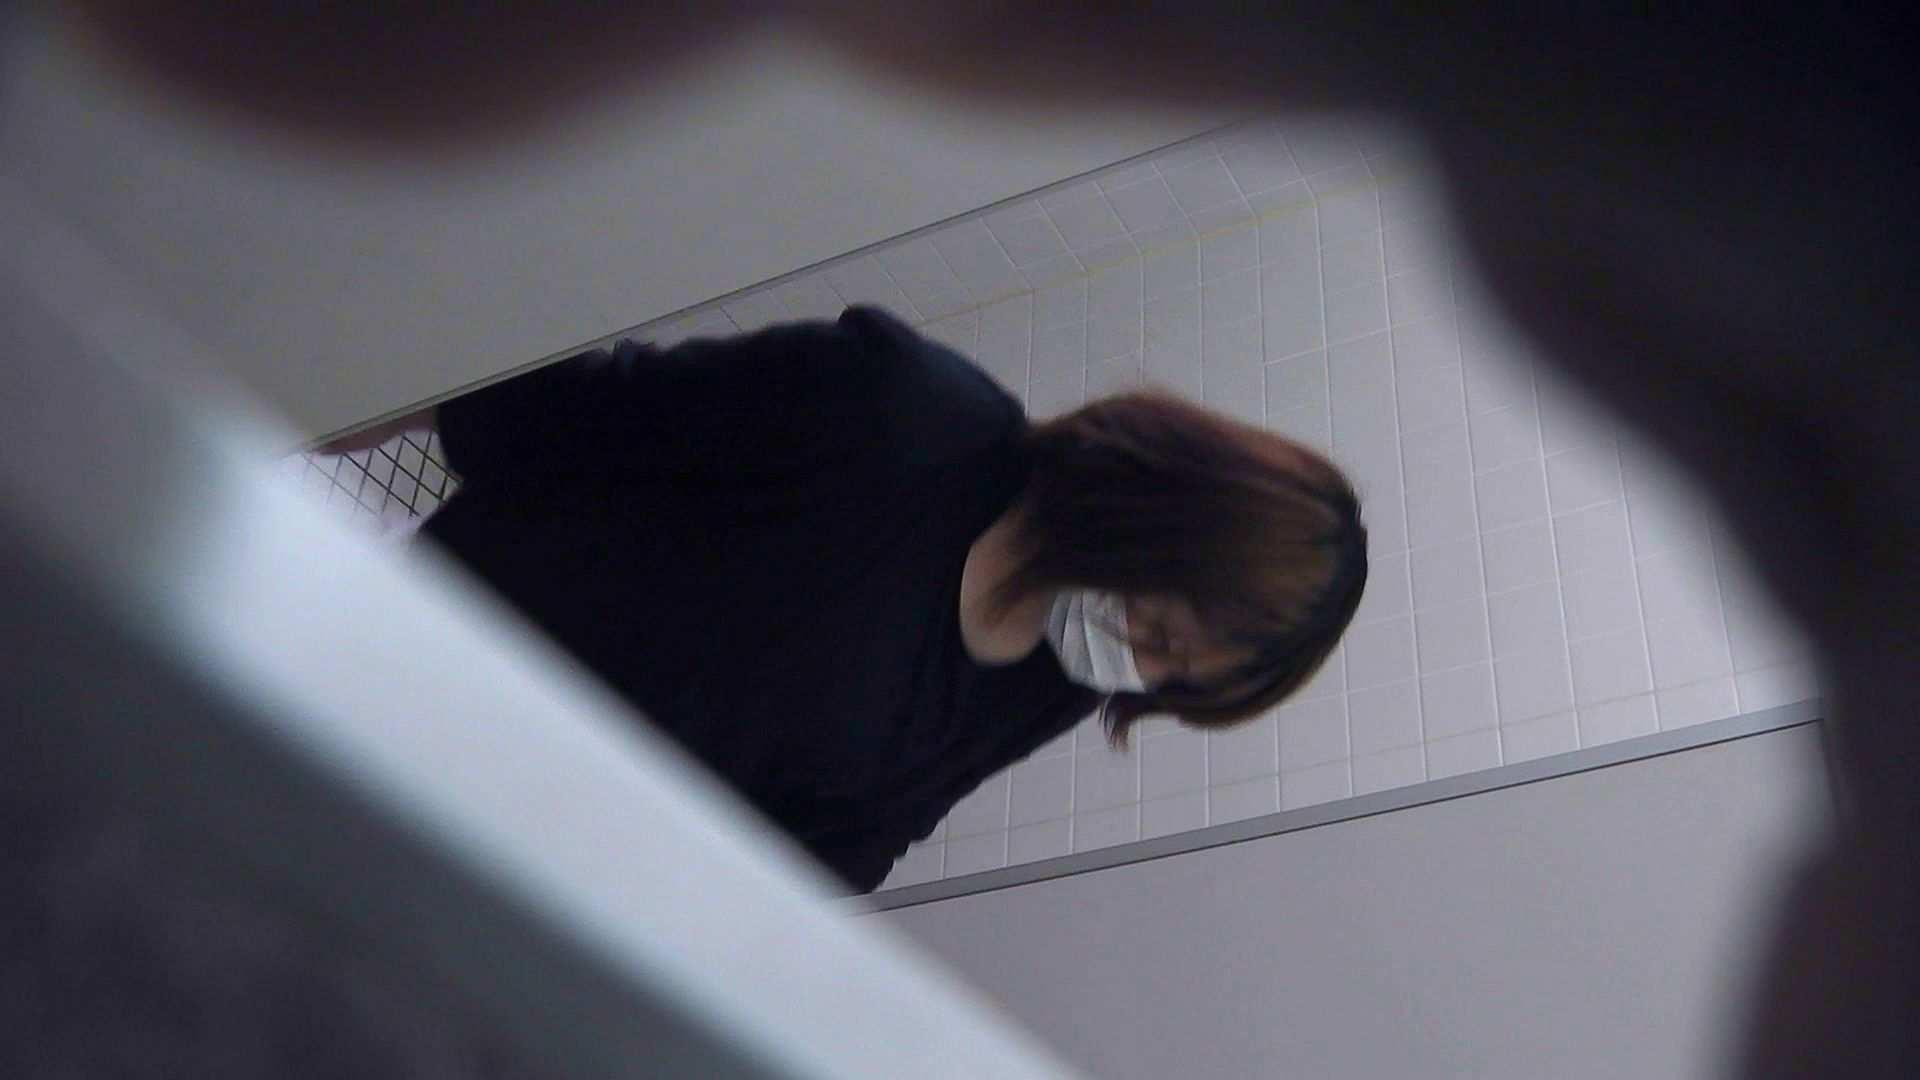 vol.03 命がけ潜伏洗面所! 薄毛がたまりません。 洗面所 | プライベート投稿  81PIX 37